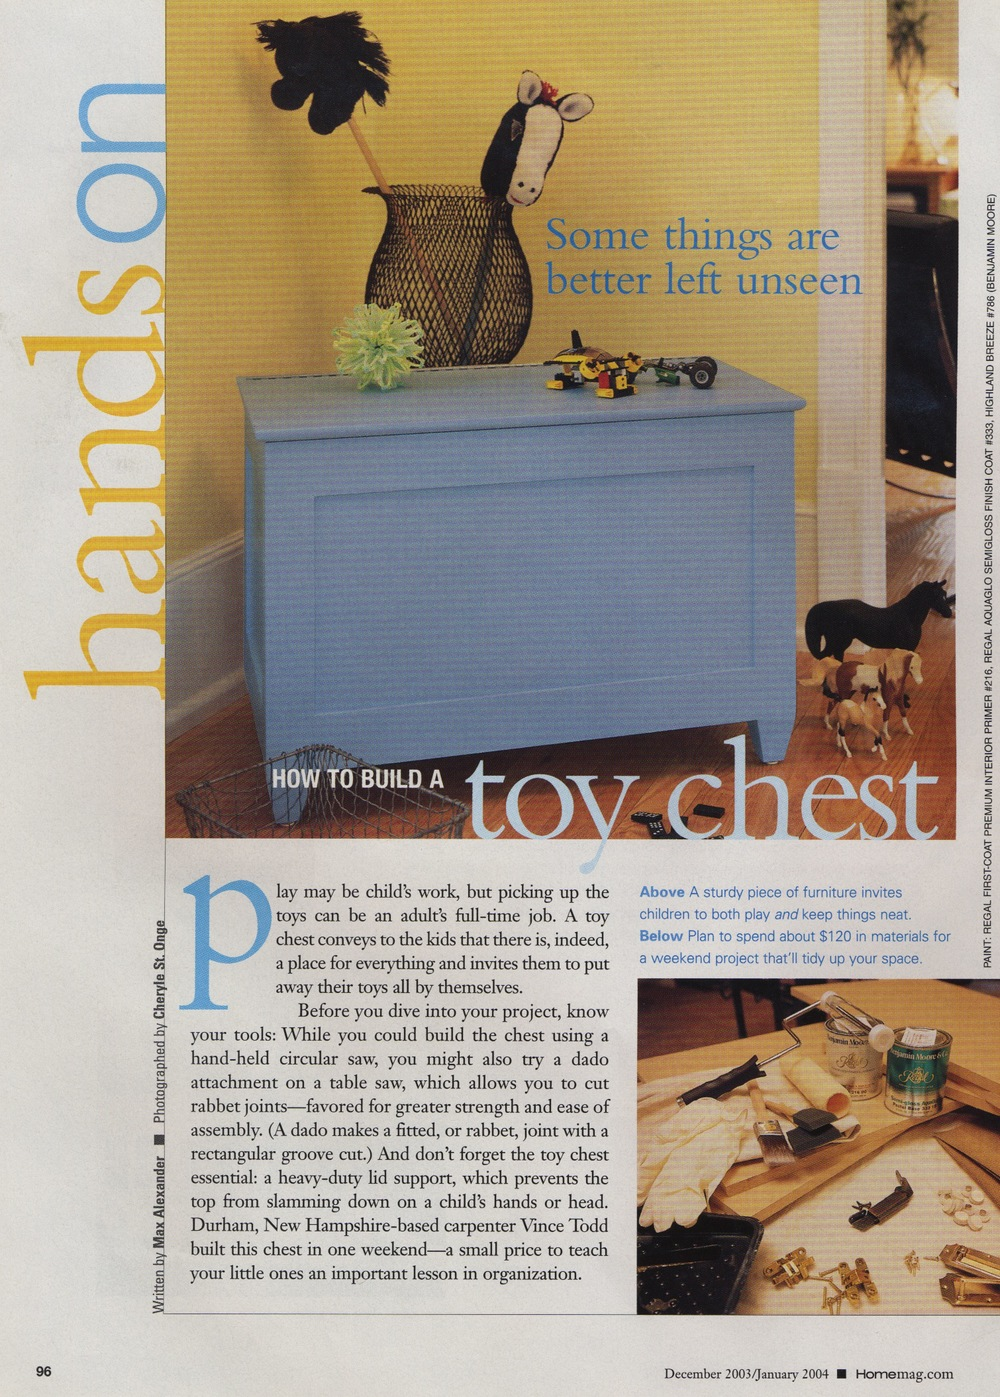 Home Magazine - Toy Chest - Story.jpg